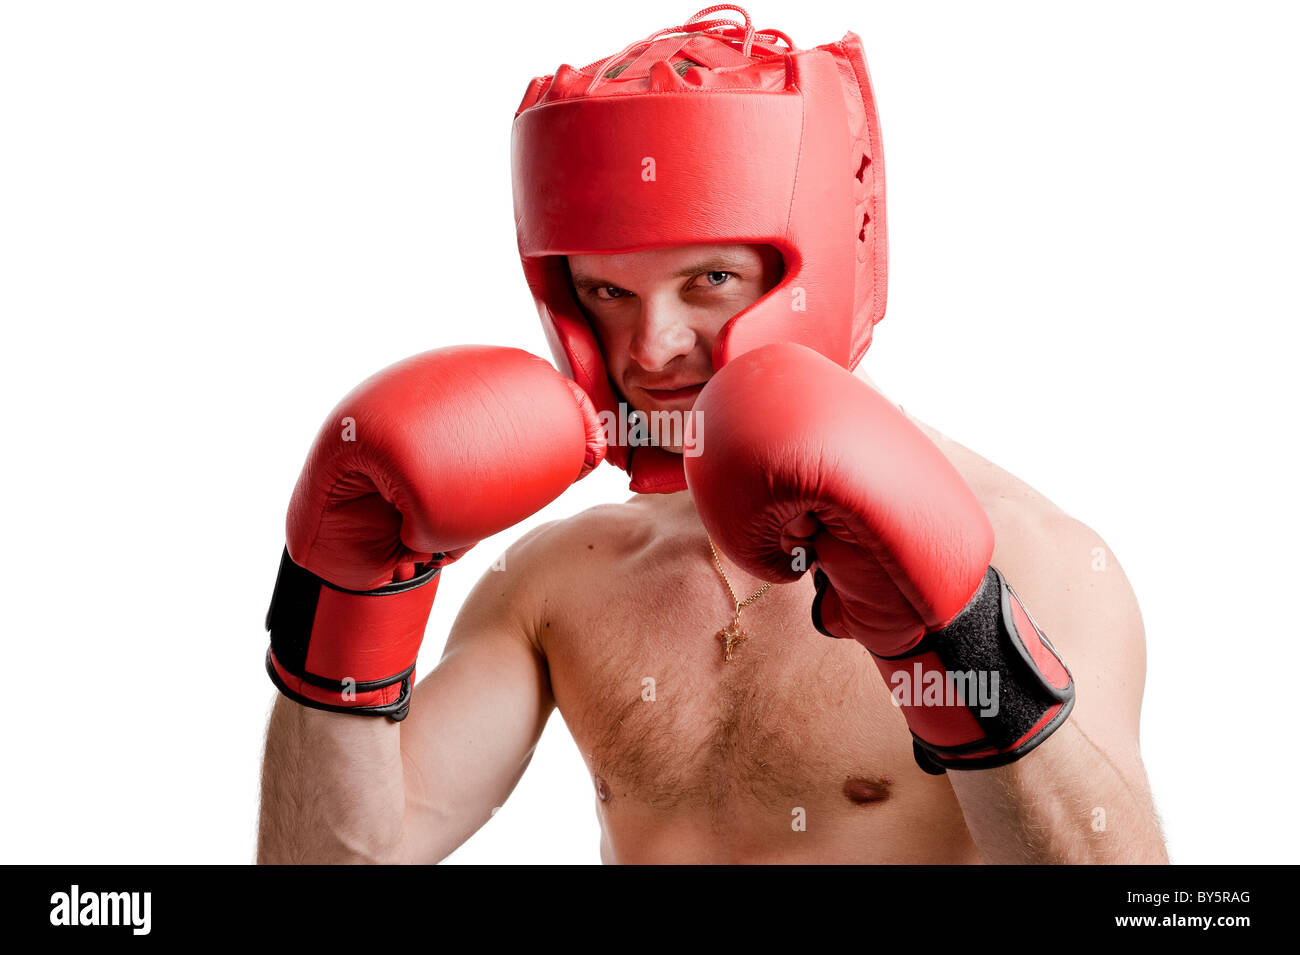 Postura de boxeador profesional aislado sobre fondo blanco. Imagen De Stock